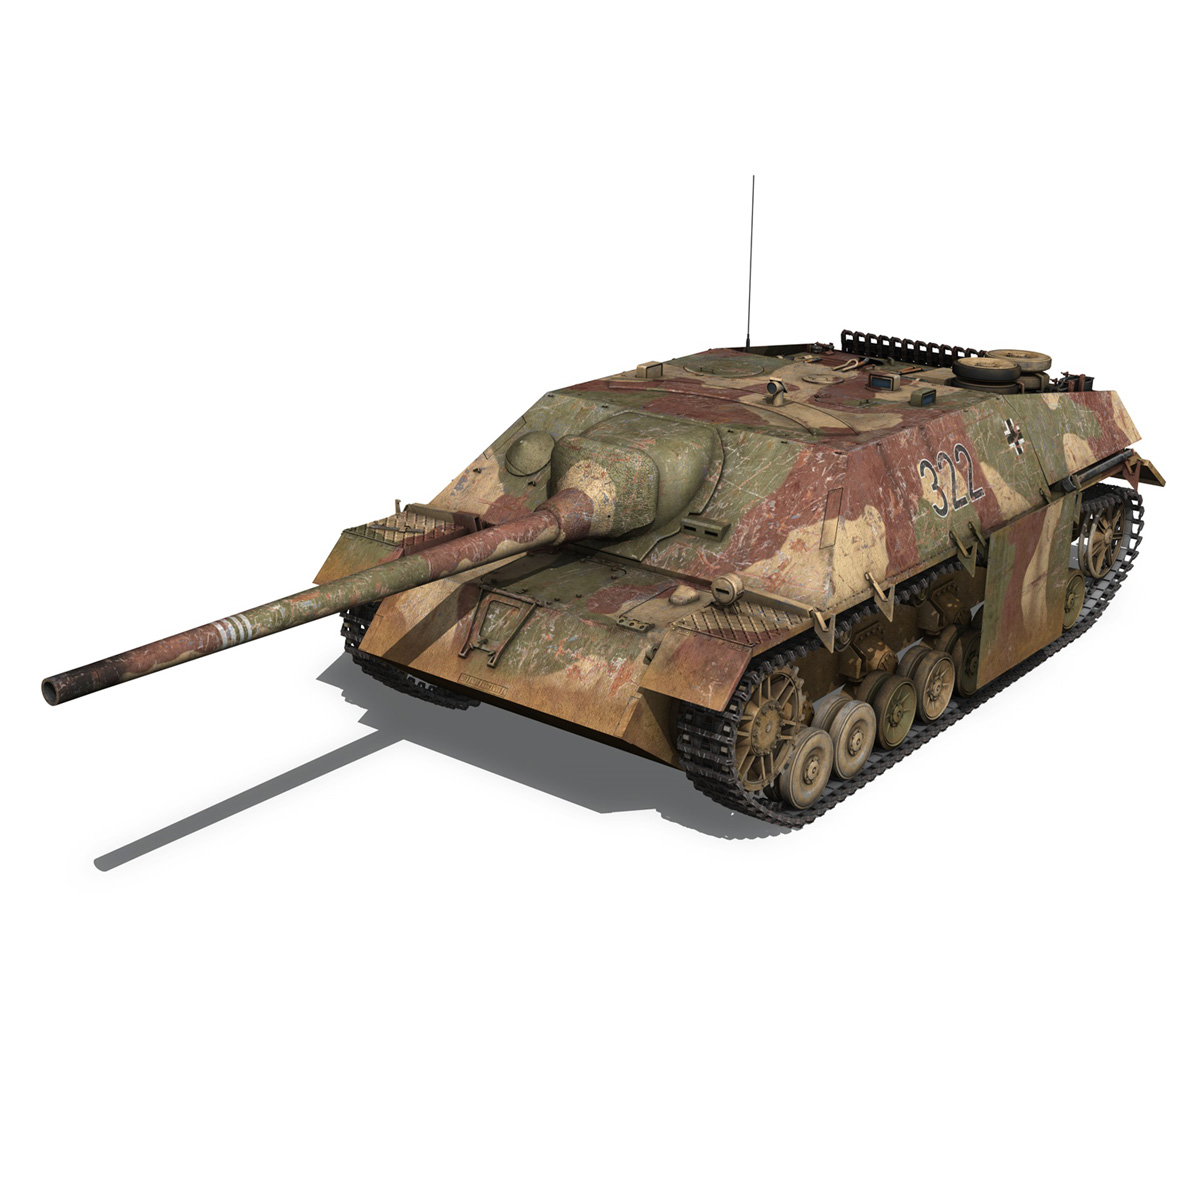 jagdpanzer iv l/70 (v) – 322 – late production 3d model 3ds fbx c4d lwo obj 280412